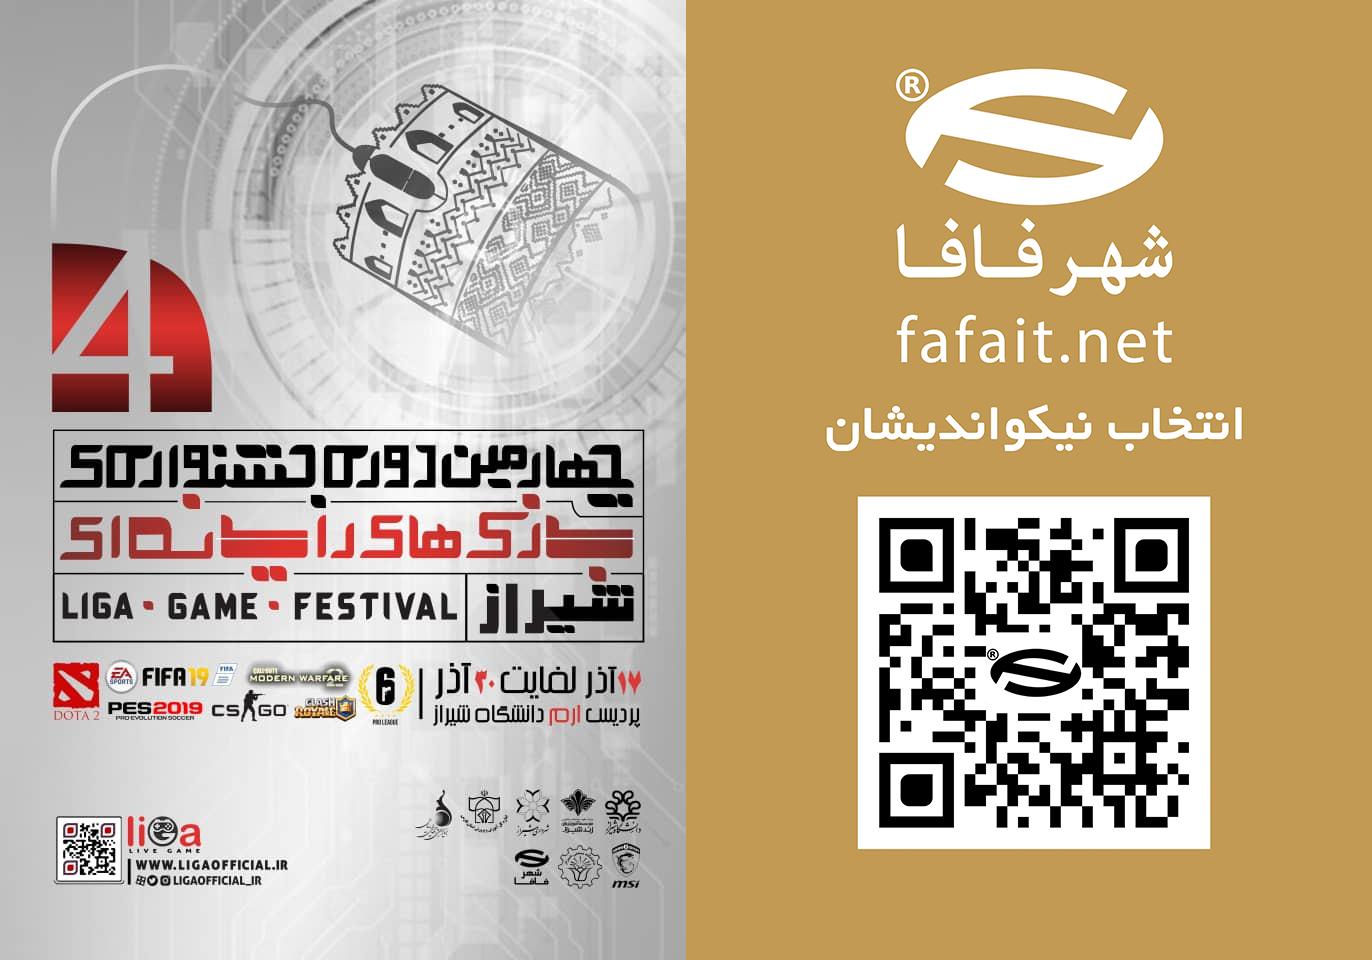 تصویر اصلی خبر اختتامیه چهارمین فستیوال گیمینگ شیراز با حضور شهر فافا